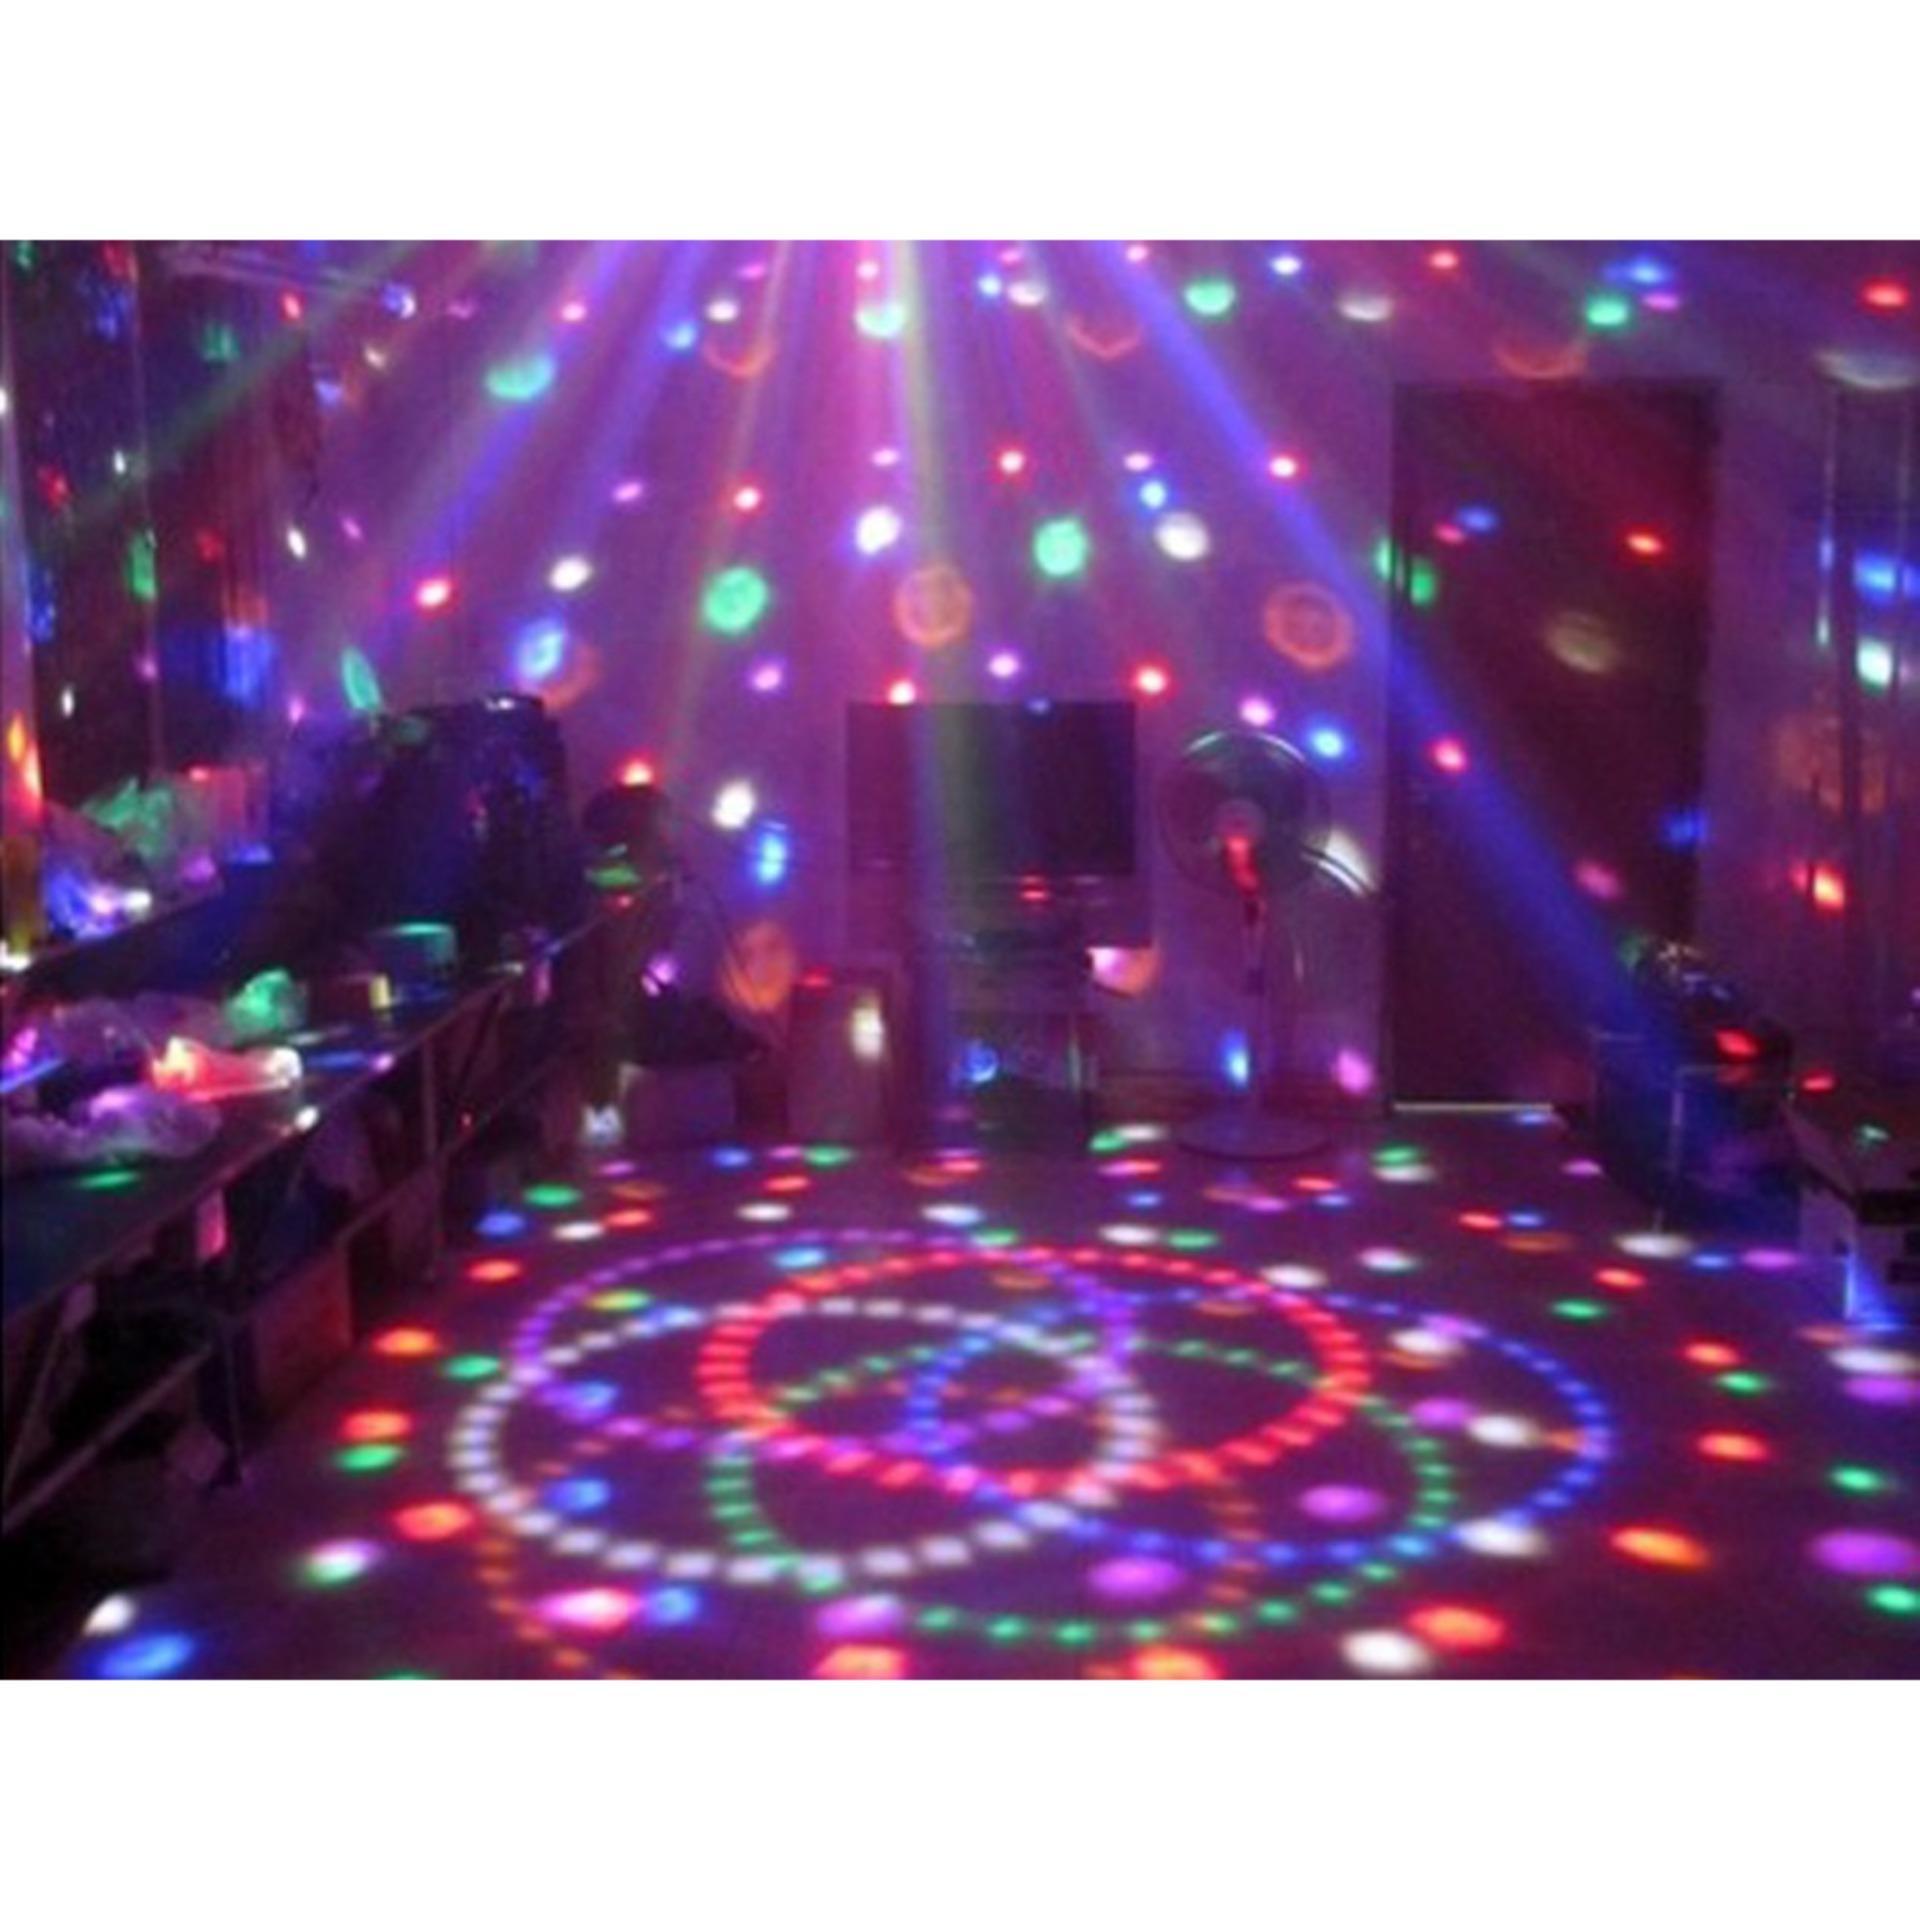 Lampu tidur kamar disco portable / Lampu kelap kelip disco LED Magic Ball Light